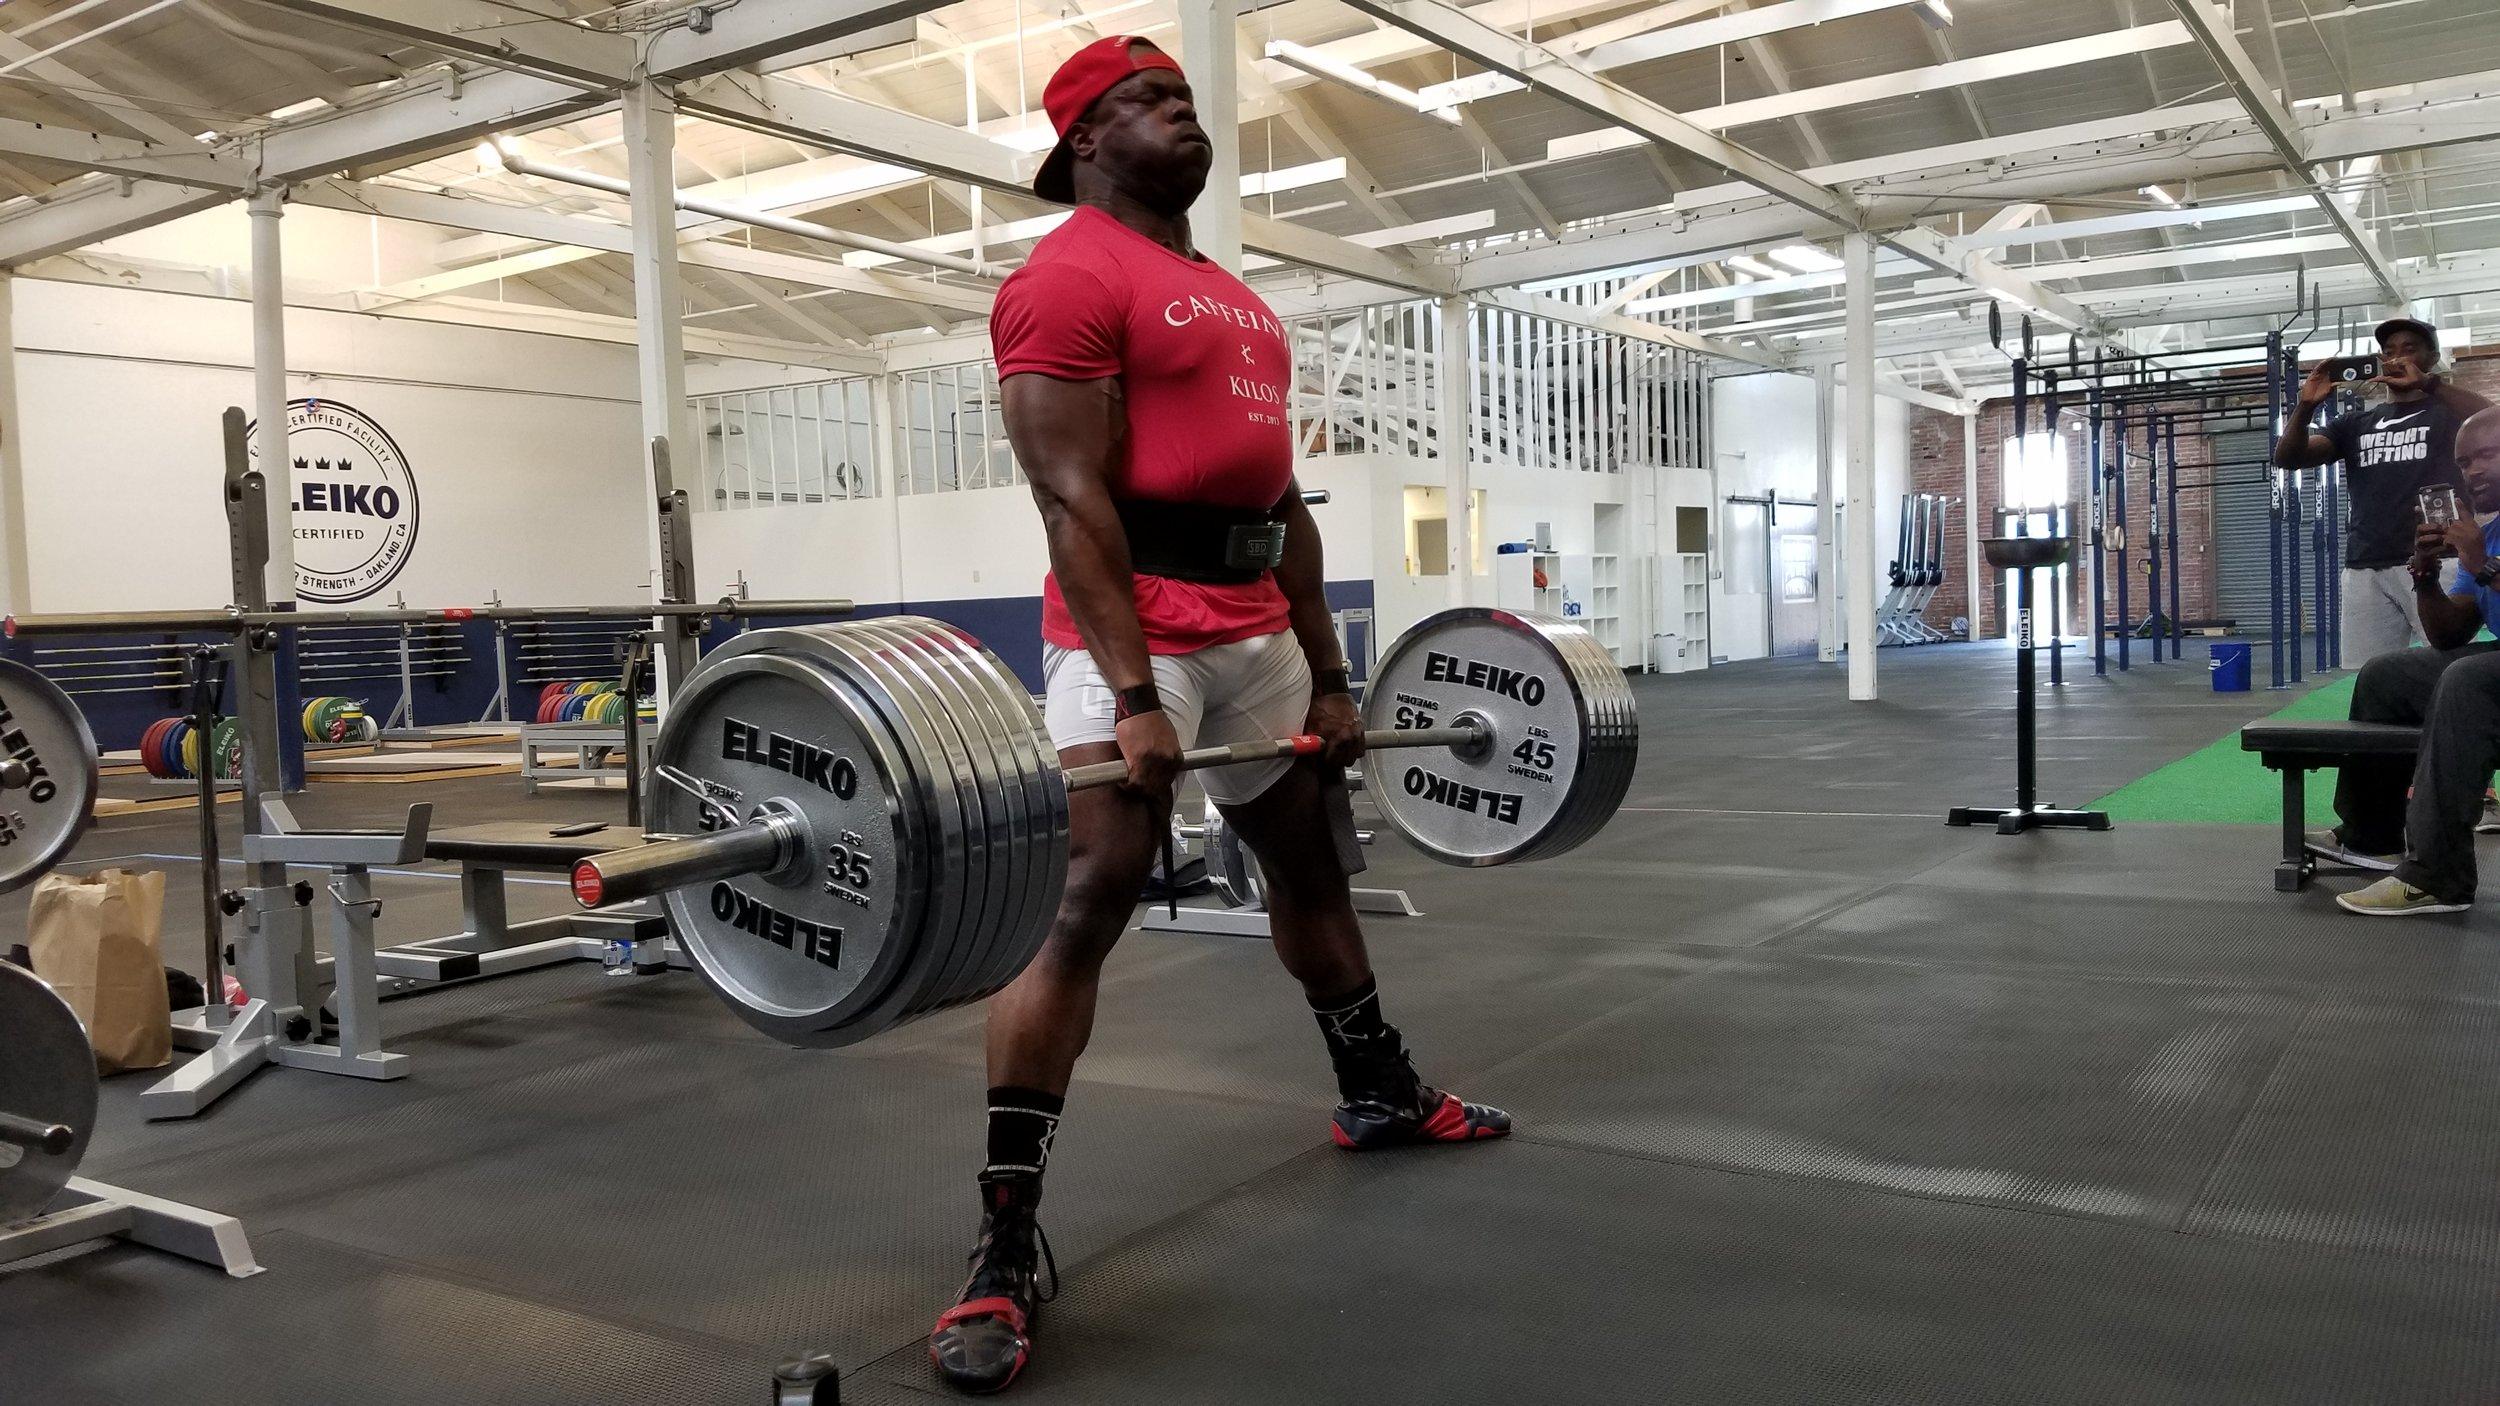 man in red shirt powerlifting